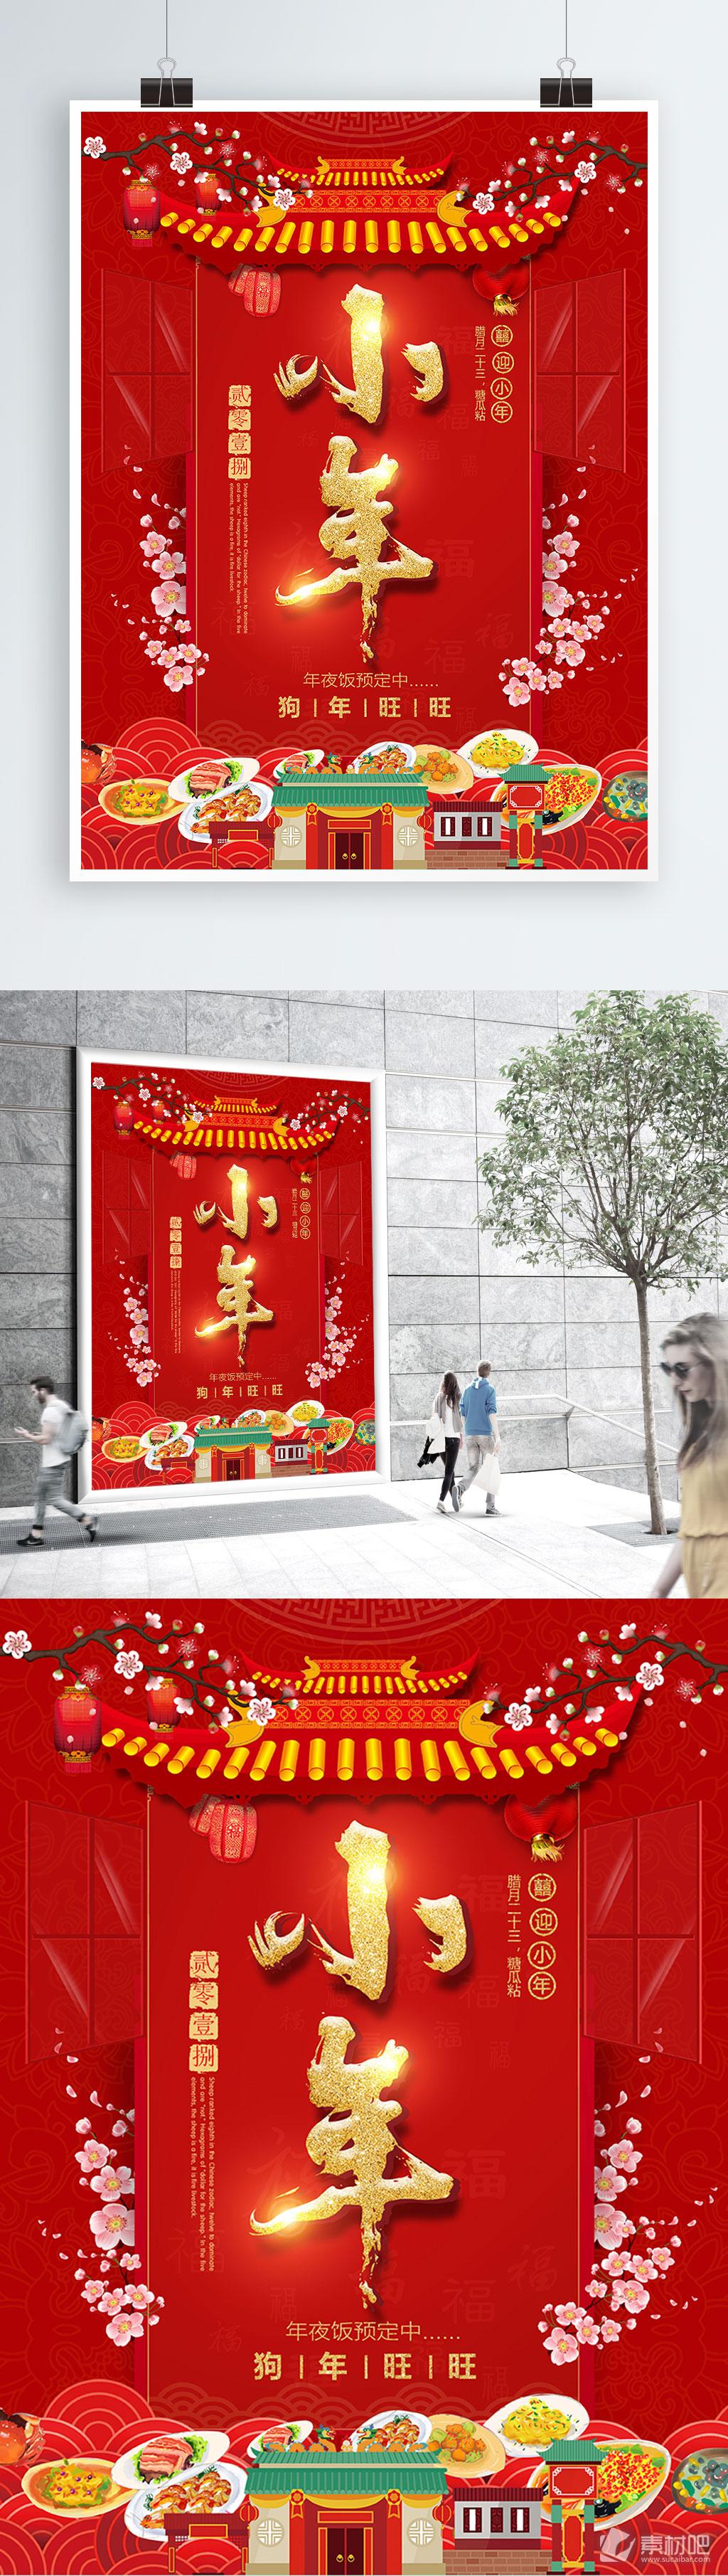 迎小年年夜饭预定节日促销海报